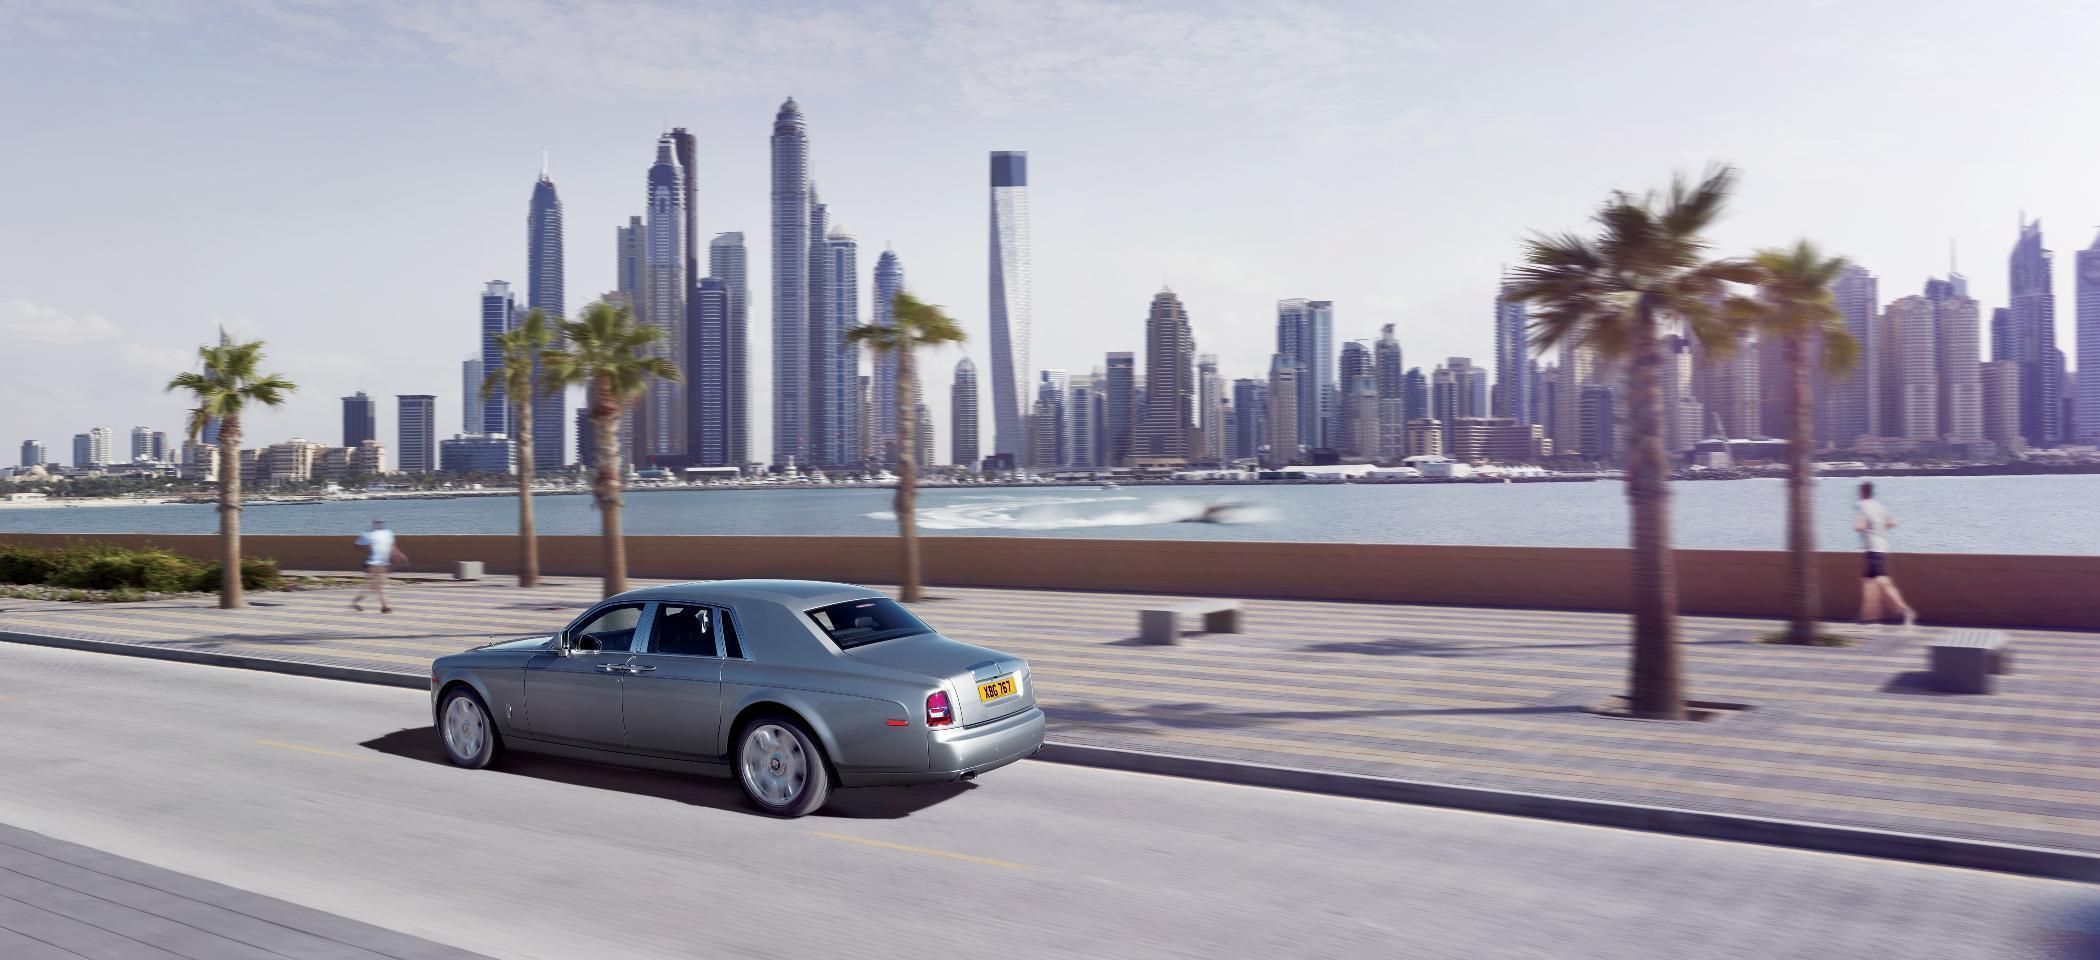 Rolls Royce Phantom II Rear